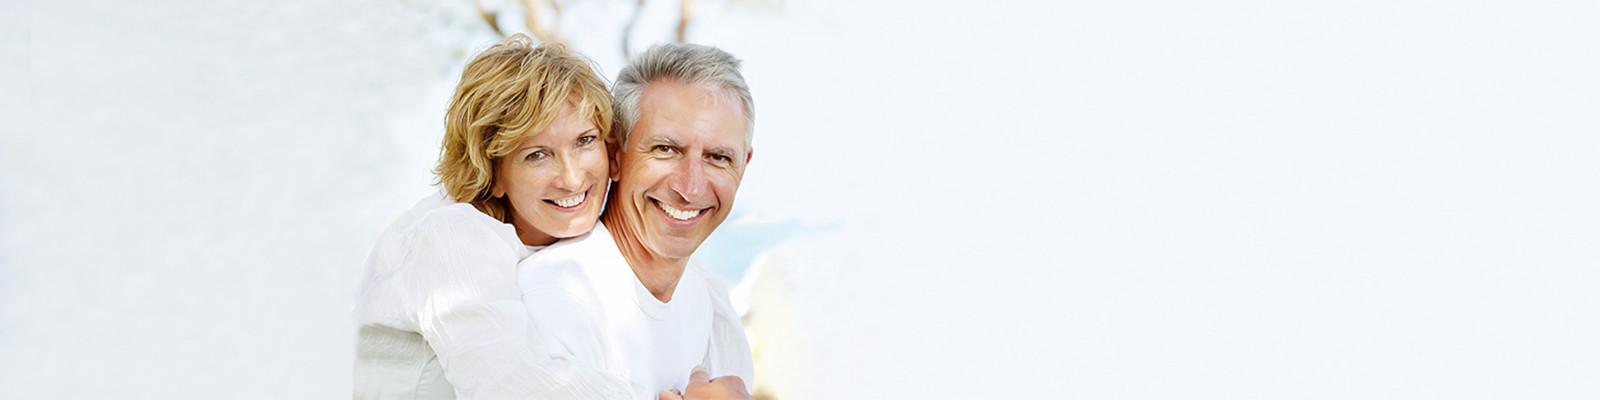 Ihre persönliche Partnervermittlung für Männer und Frauen ab 55